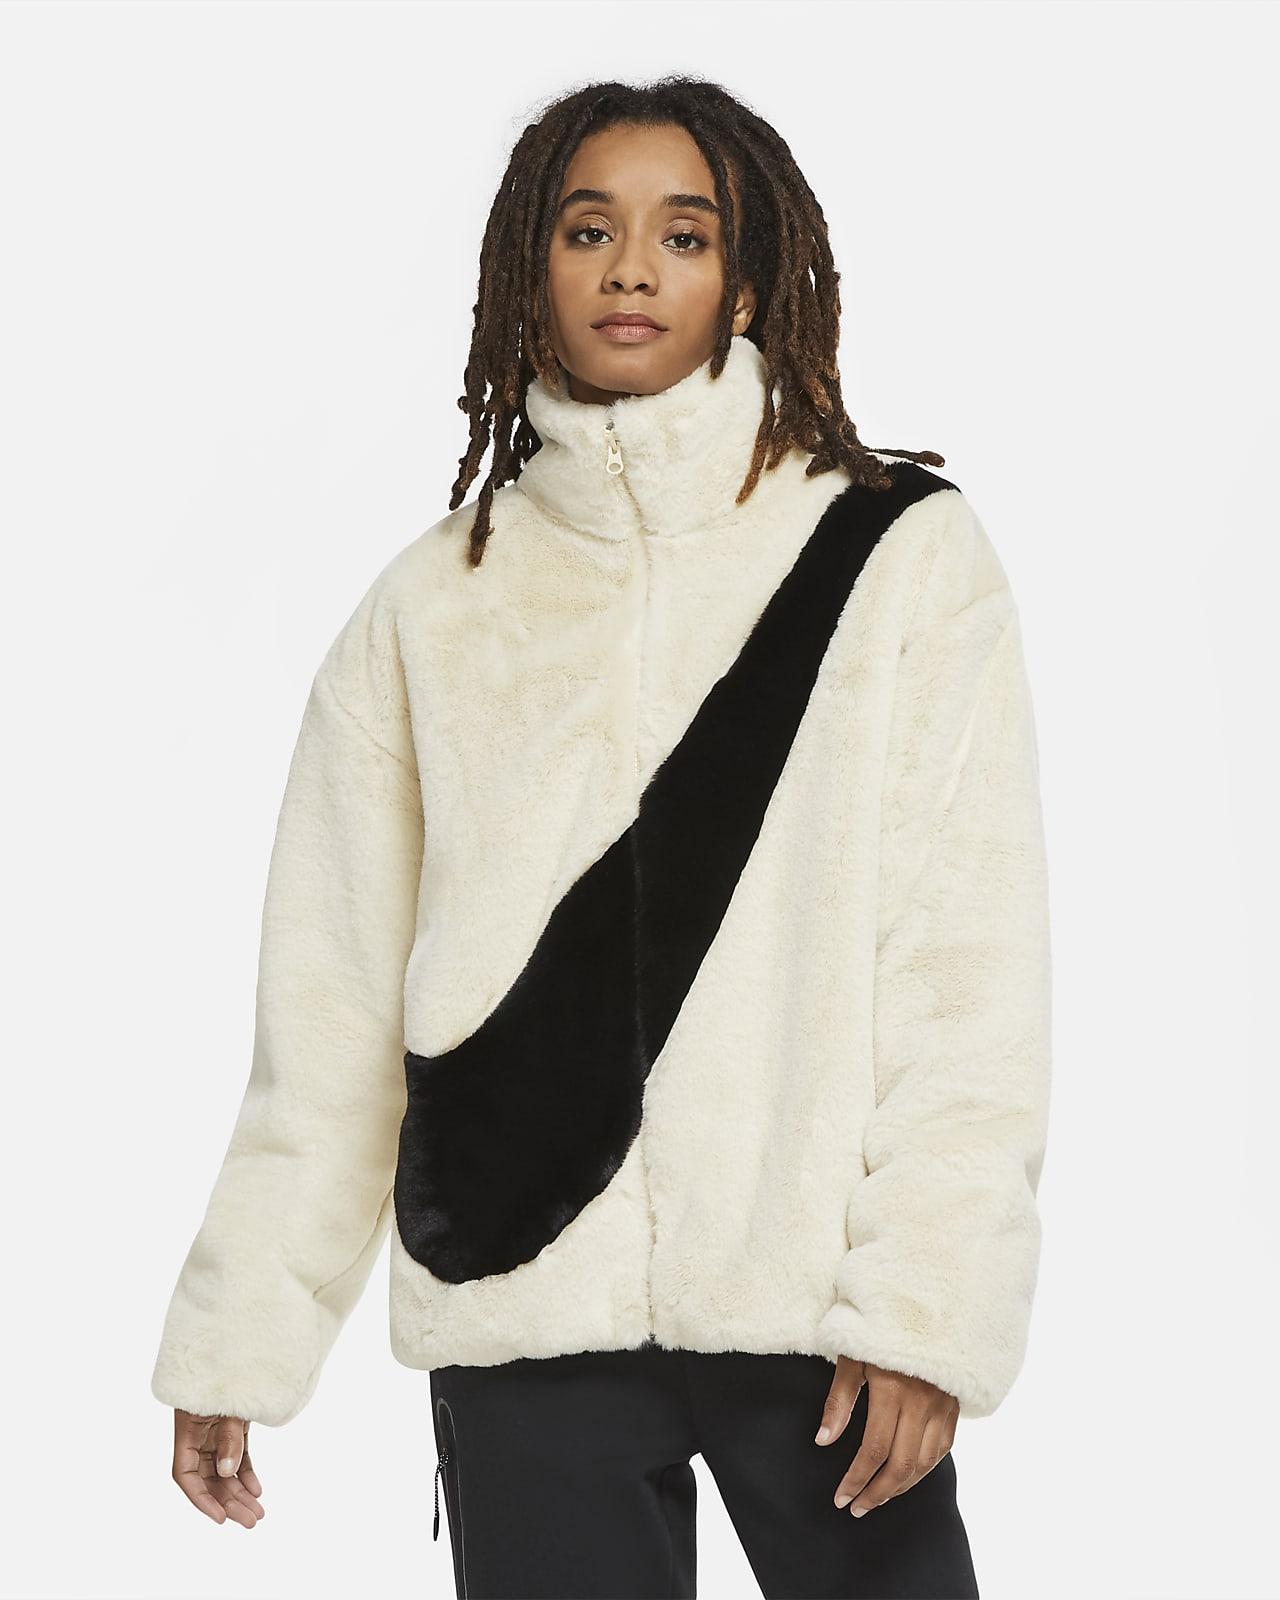 Dámská bunda Nike zumělé kožešiny